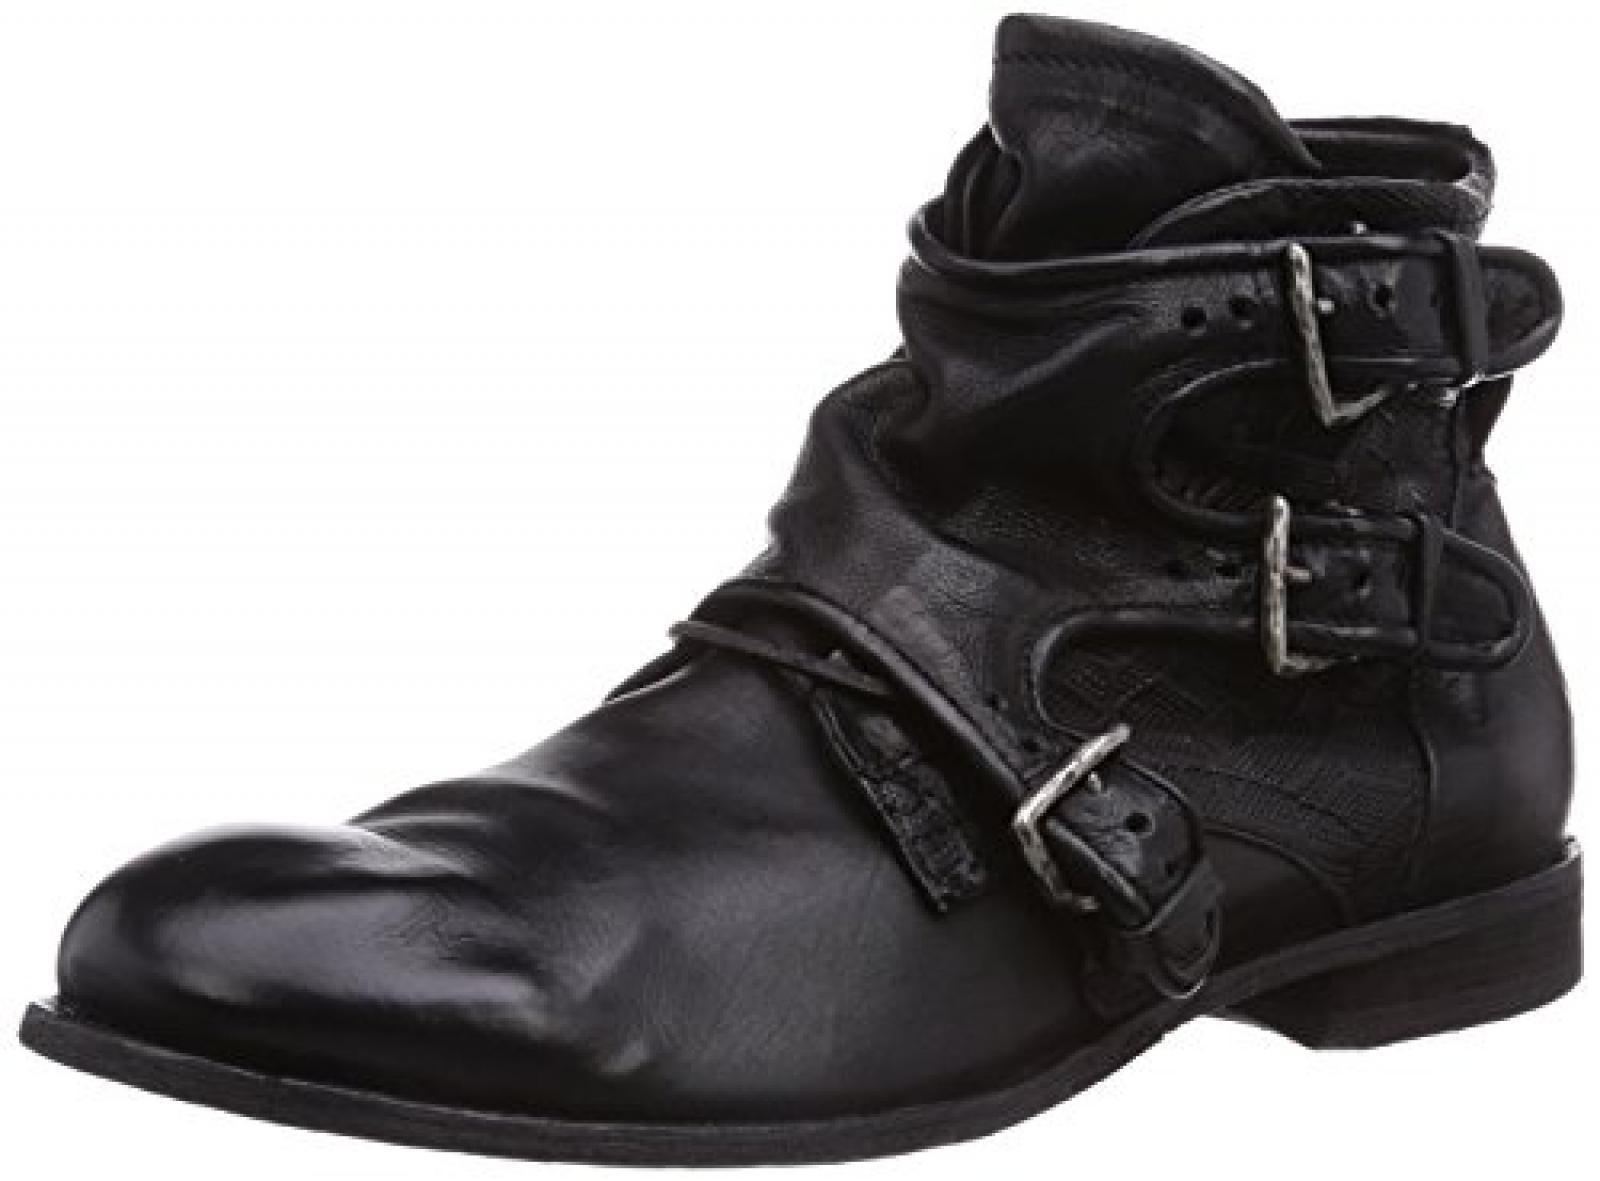 A.S.98 487202-2990-6002 Herren Biker Boots